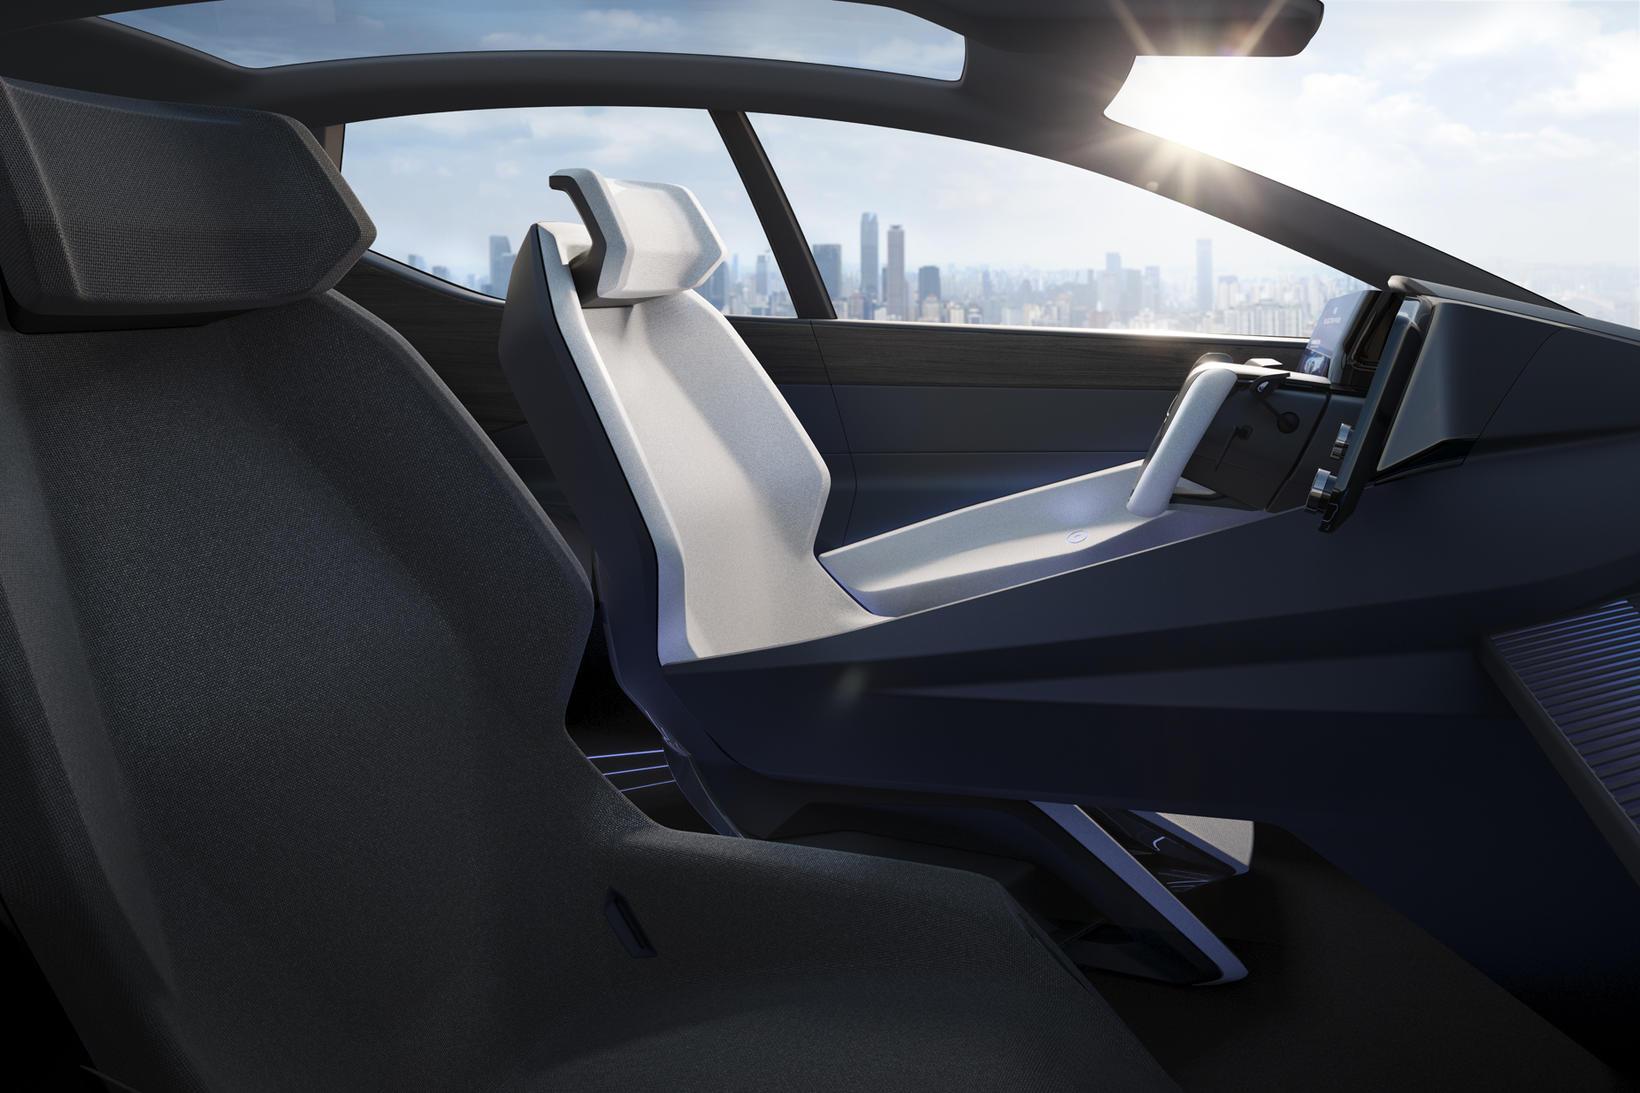 Á athafnasvæði ökumanns Lexus LF-Z þróunarbílsins.